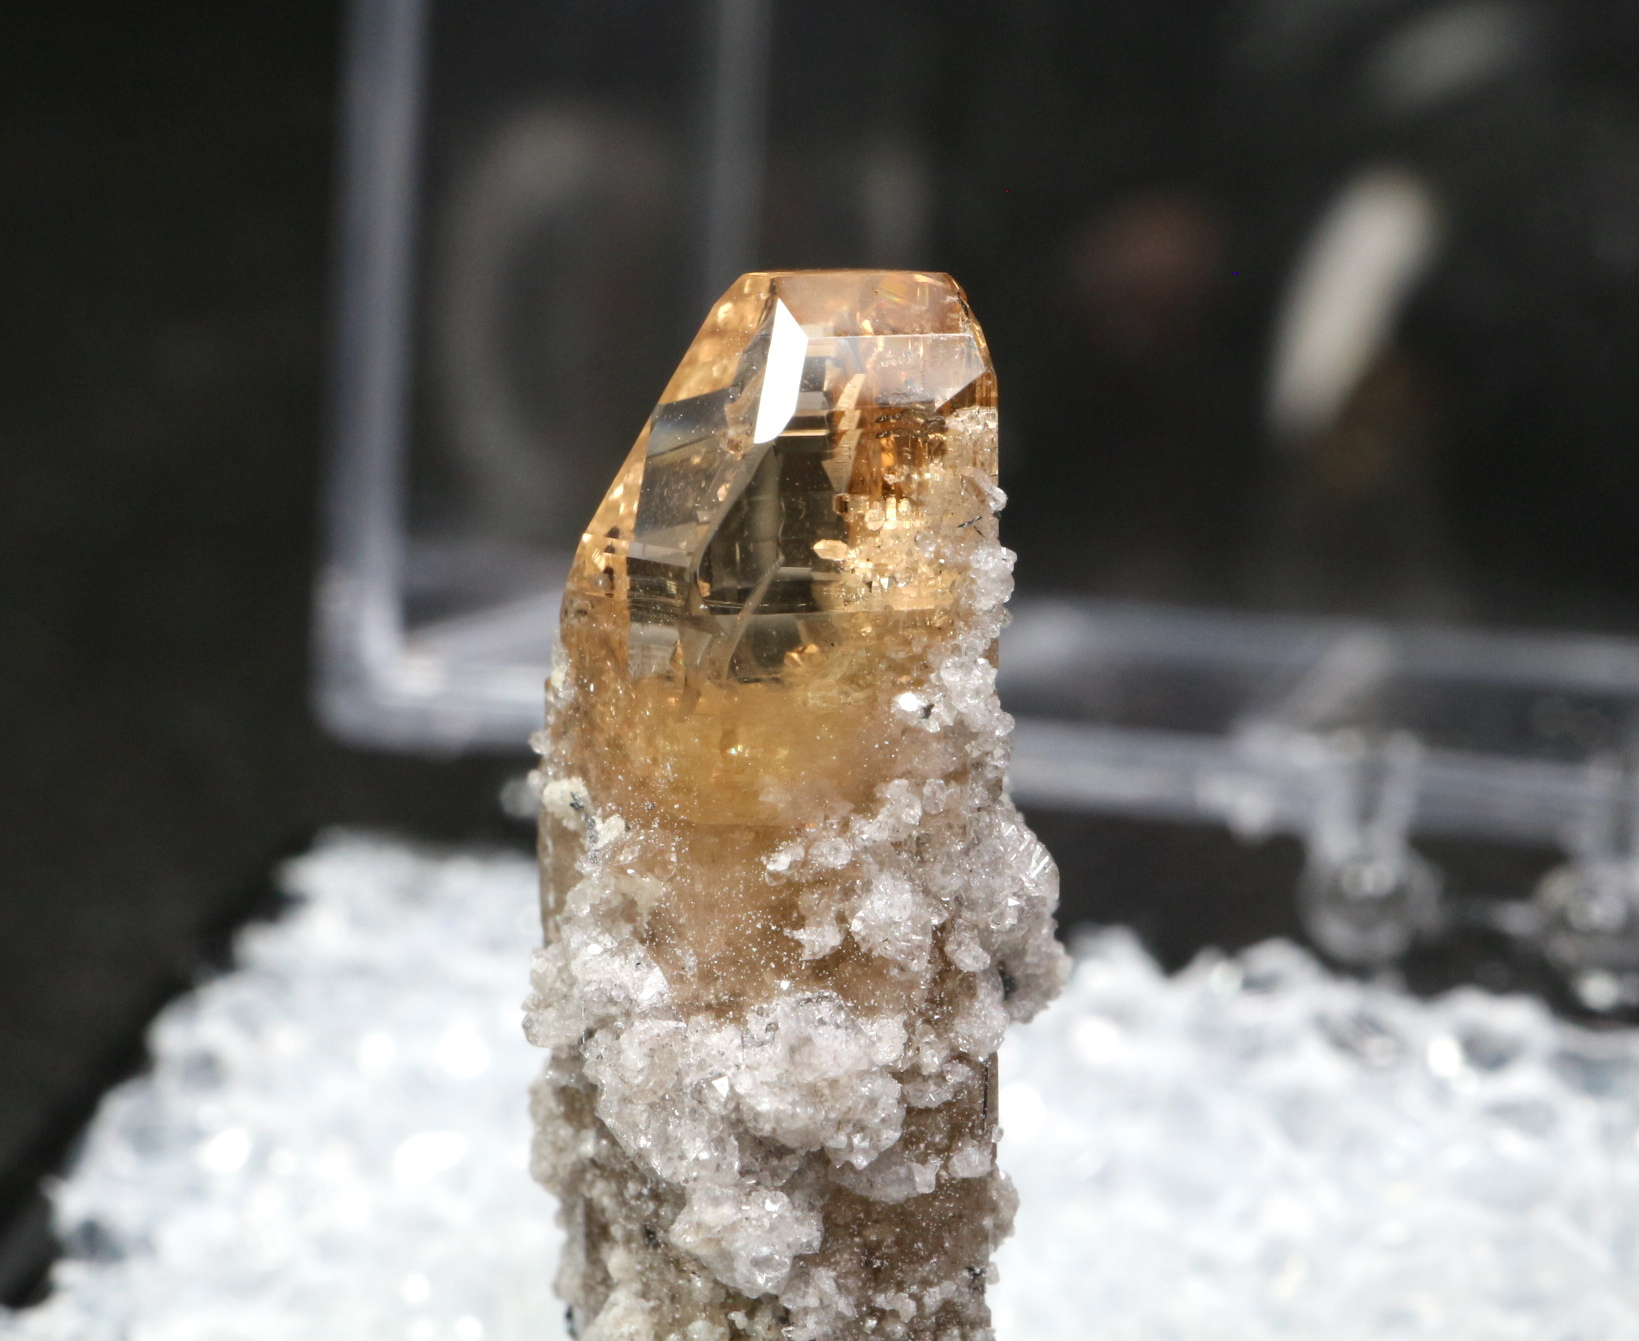 自主採掘!ユタ州産 トパーズ ケース入り 原石 標本 TZ049 鉱物 パワーストーン 天然石